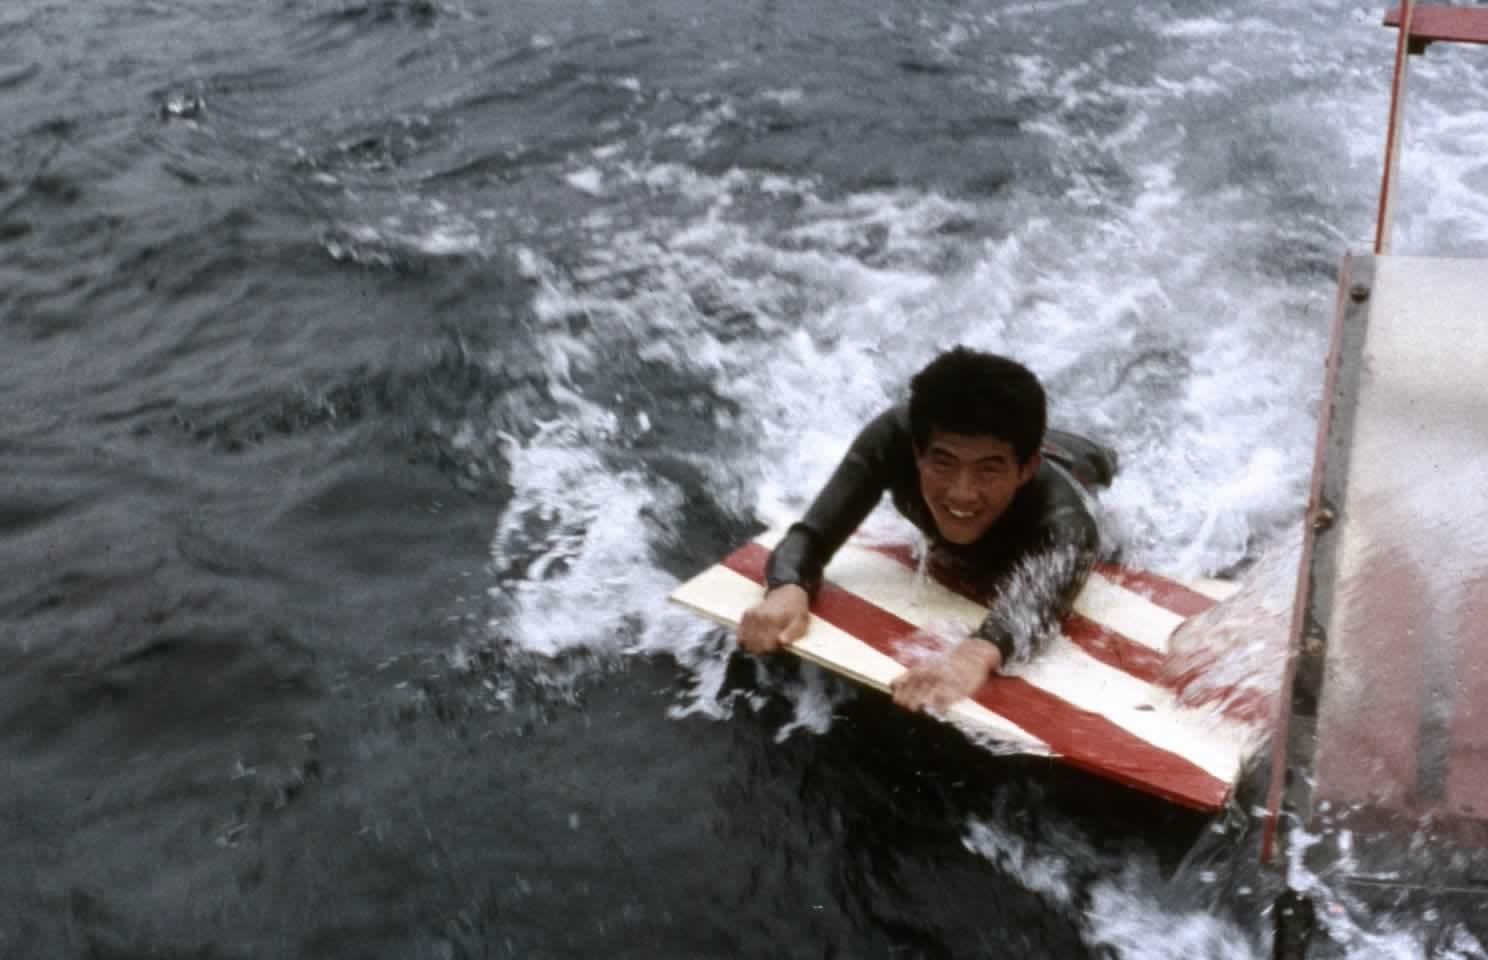 0113 ダイビングの歴史102 学生のダイビング2_b0075059_13272544.jpg